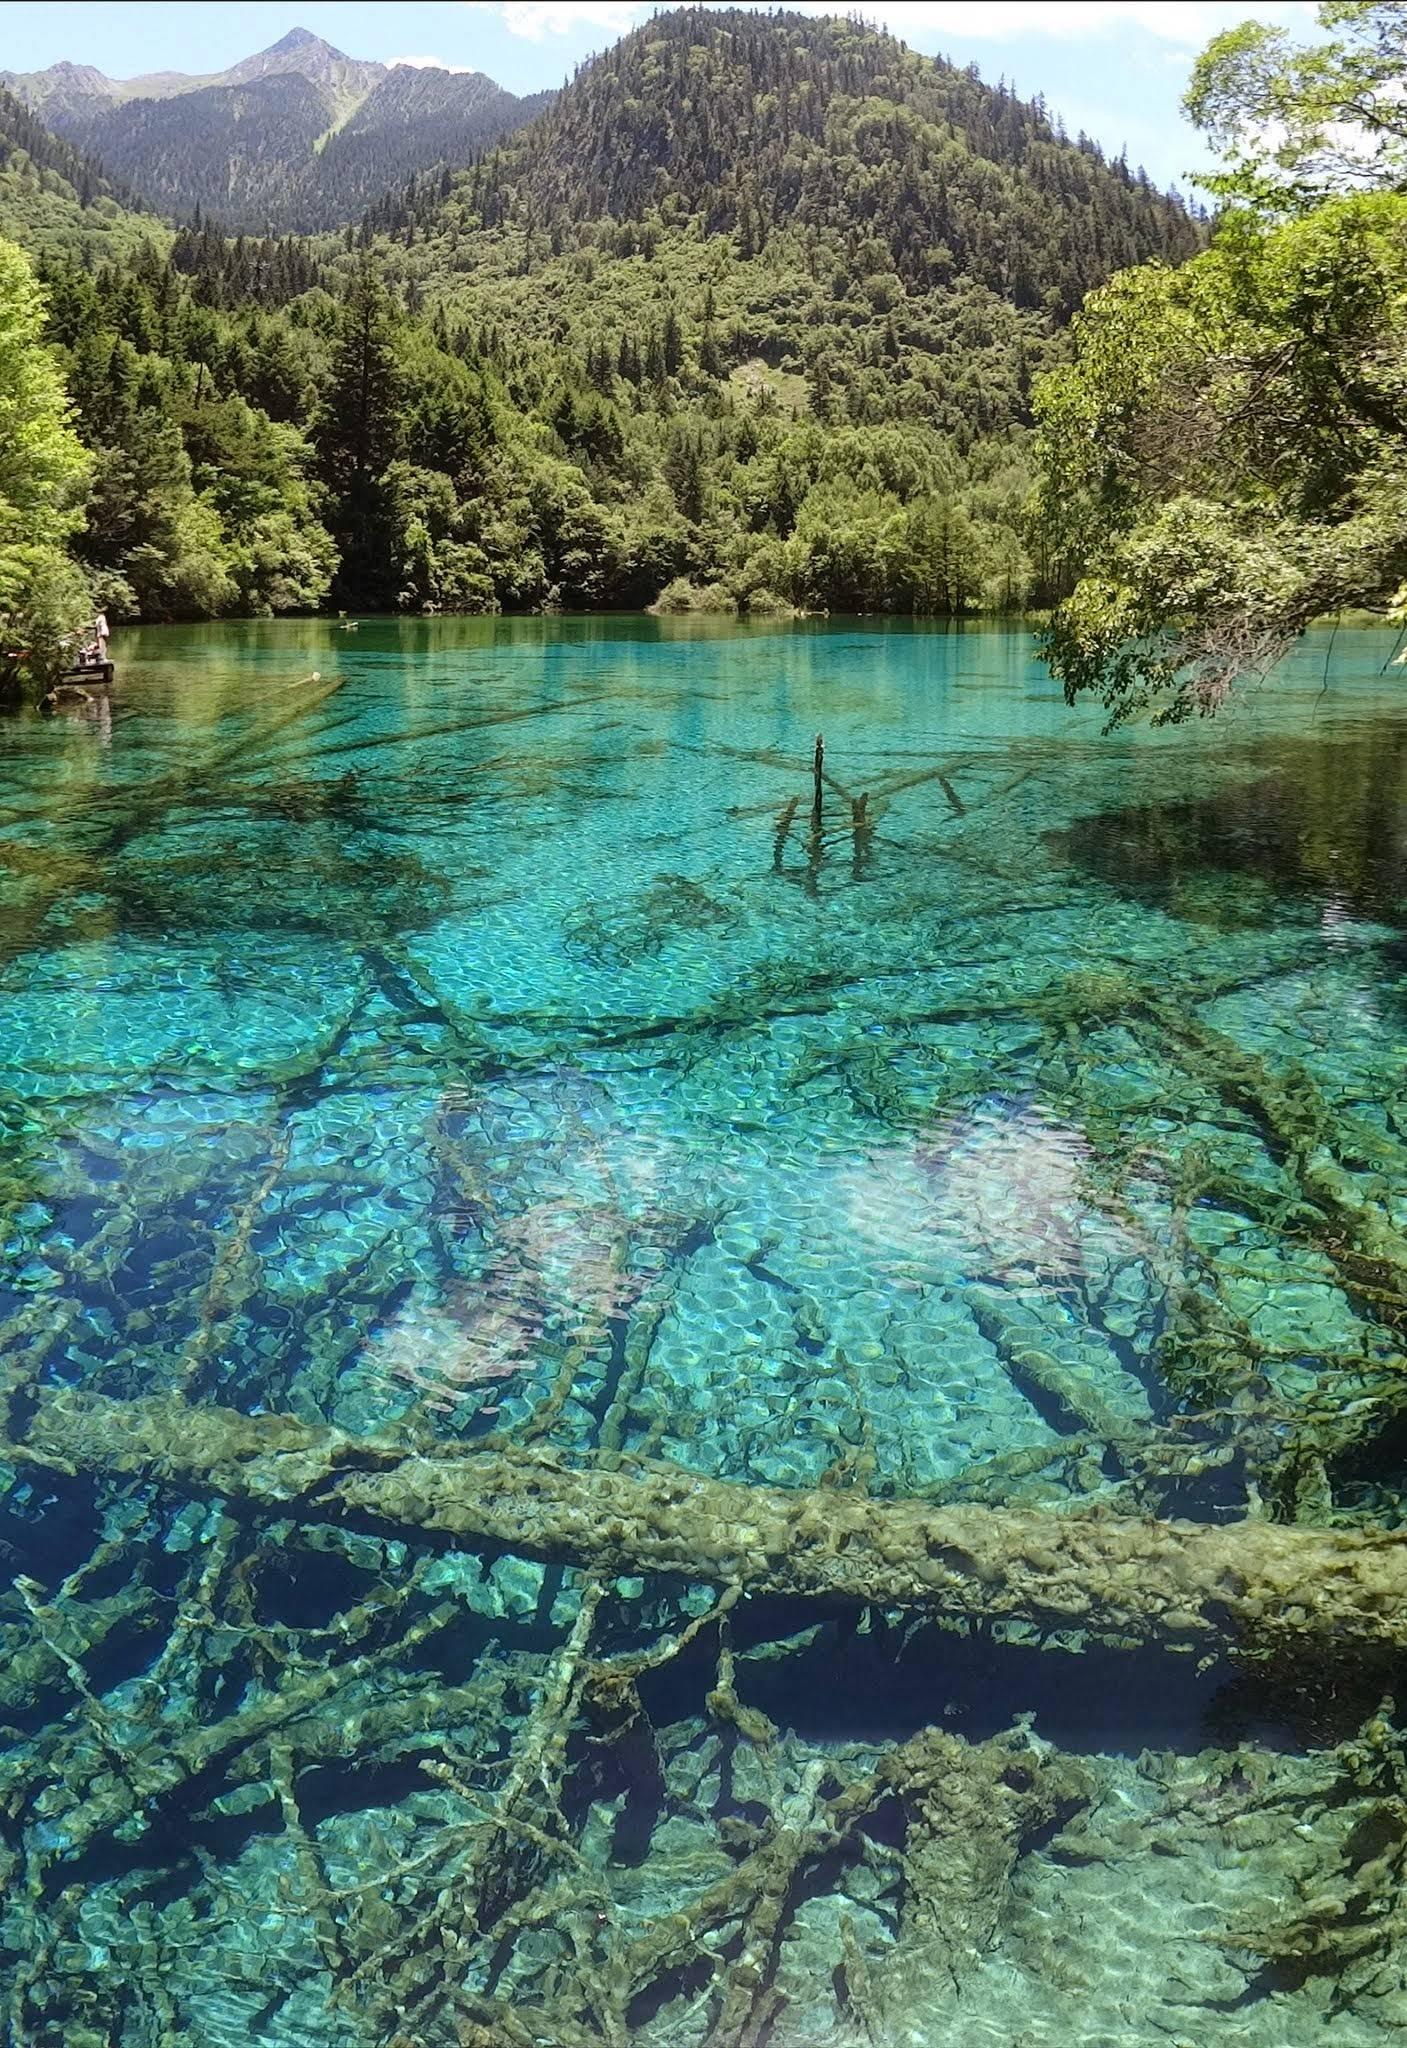 Photo 1: Jiuzhaigou.... Lacs et cascades de rêve